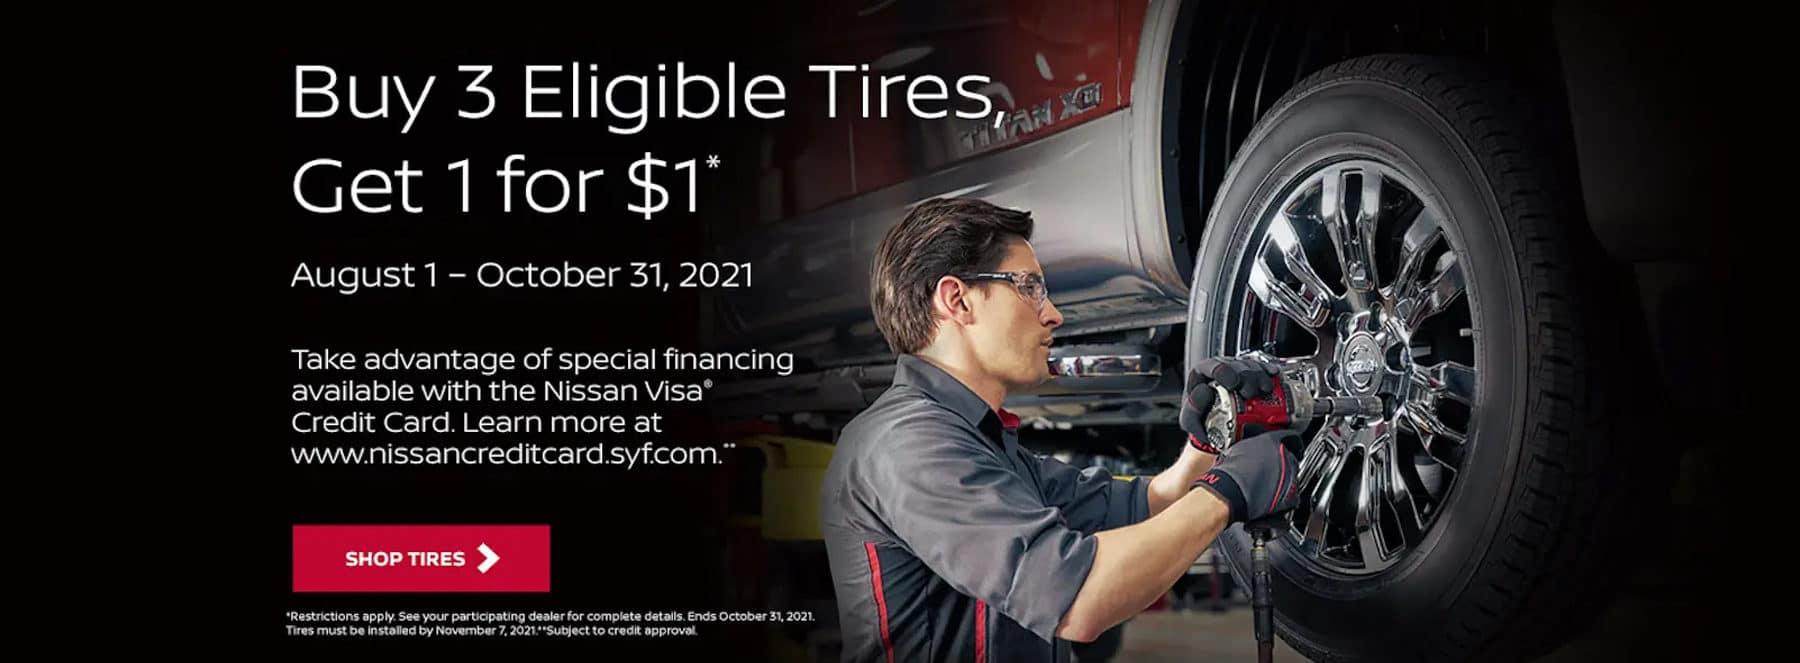 Nissan Buy 3 Get 1 Tires